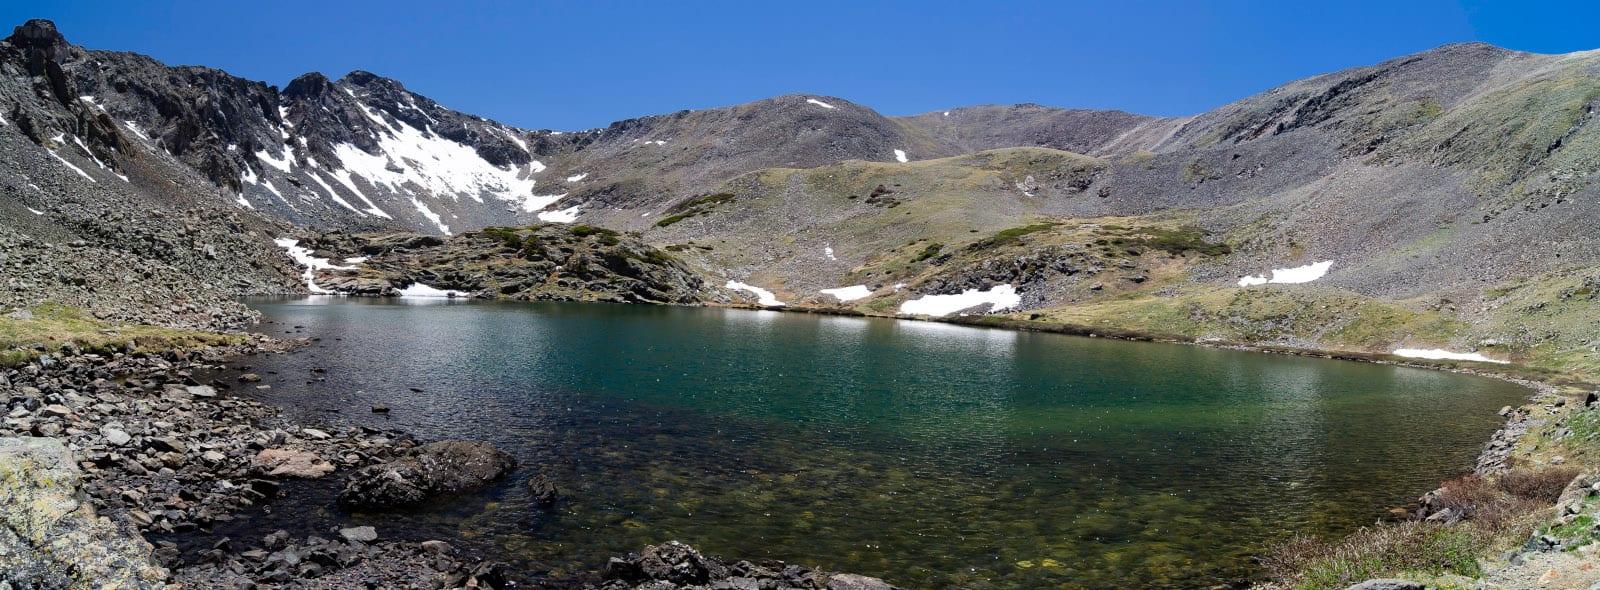 Sangre de Cristo Wilderness Stout Lake Colorado